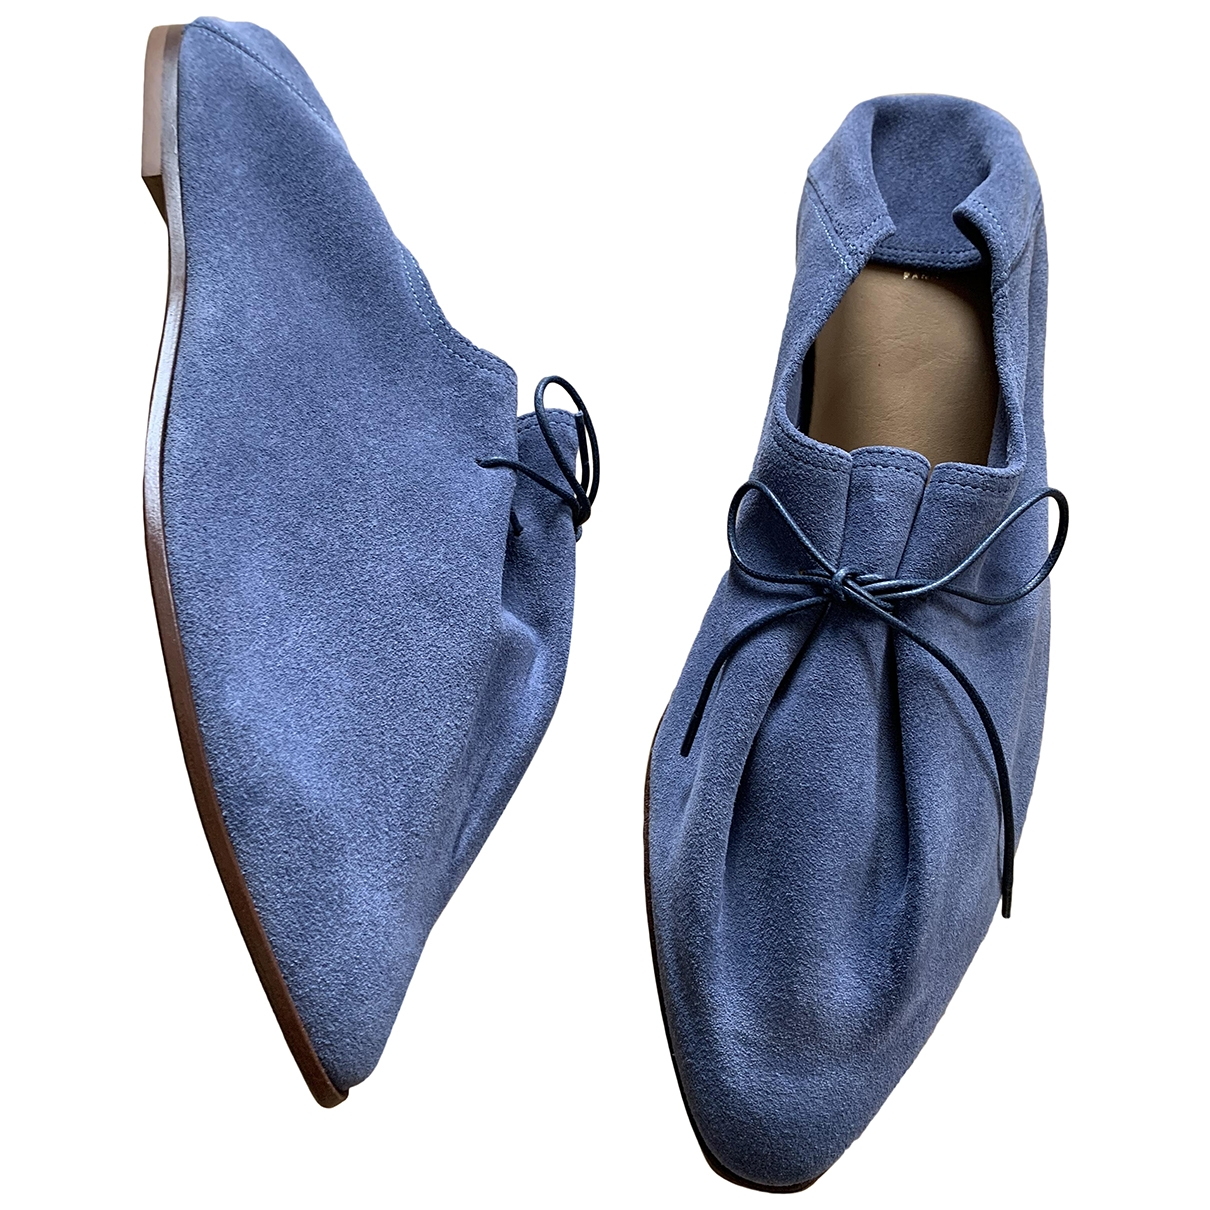 Solovière \N Blue Leather Sandals for Women 41 EU